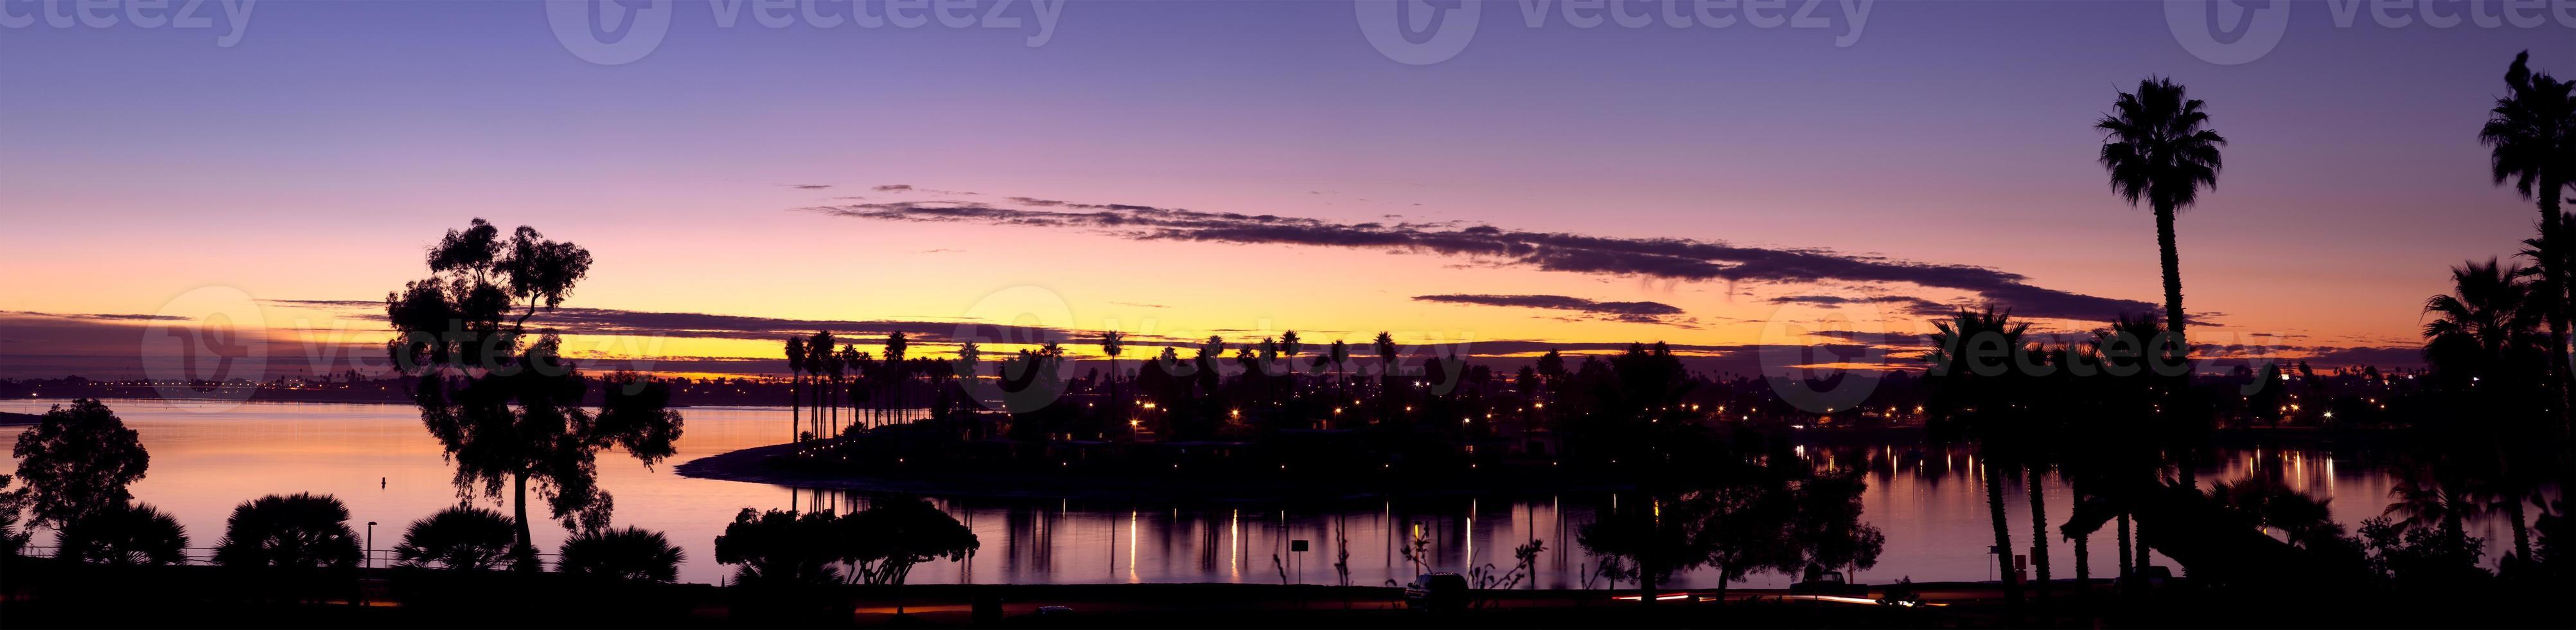 Mission Bay San Diego, Kalifornien USA, Dämmerungssonnenuntergang foto